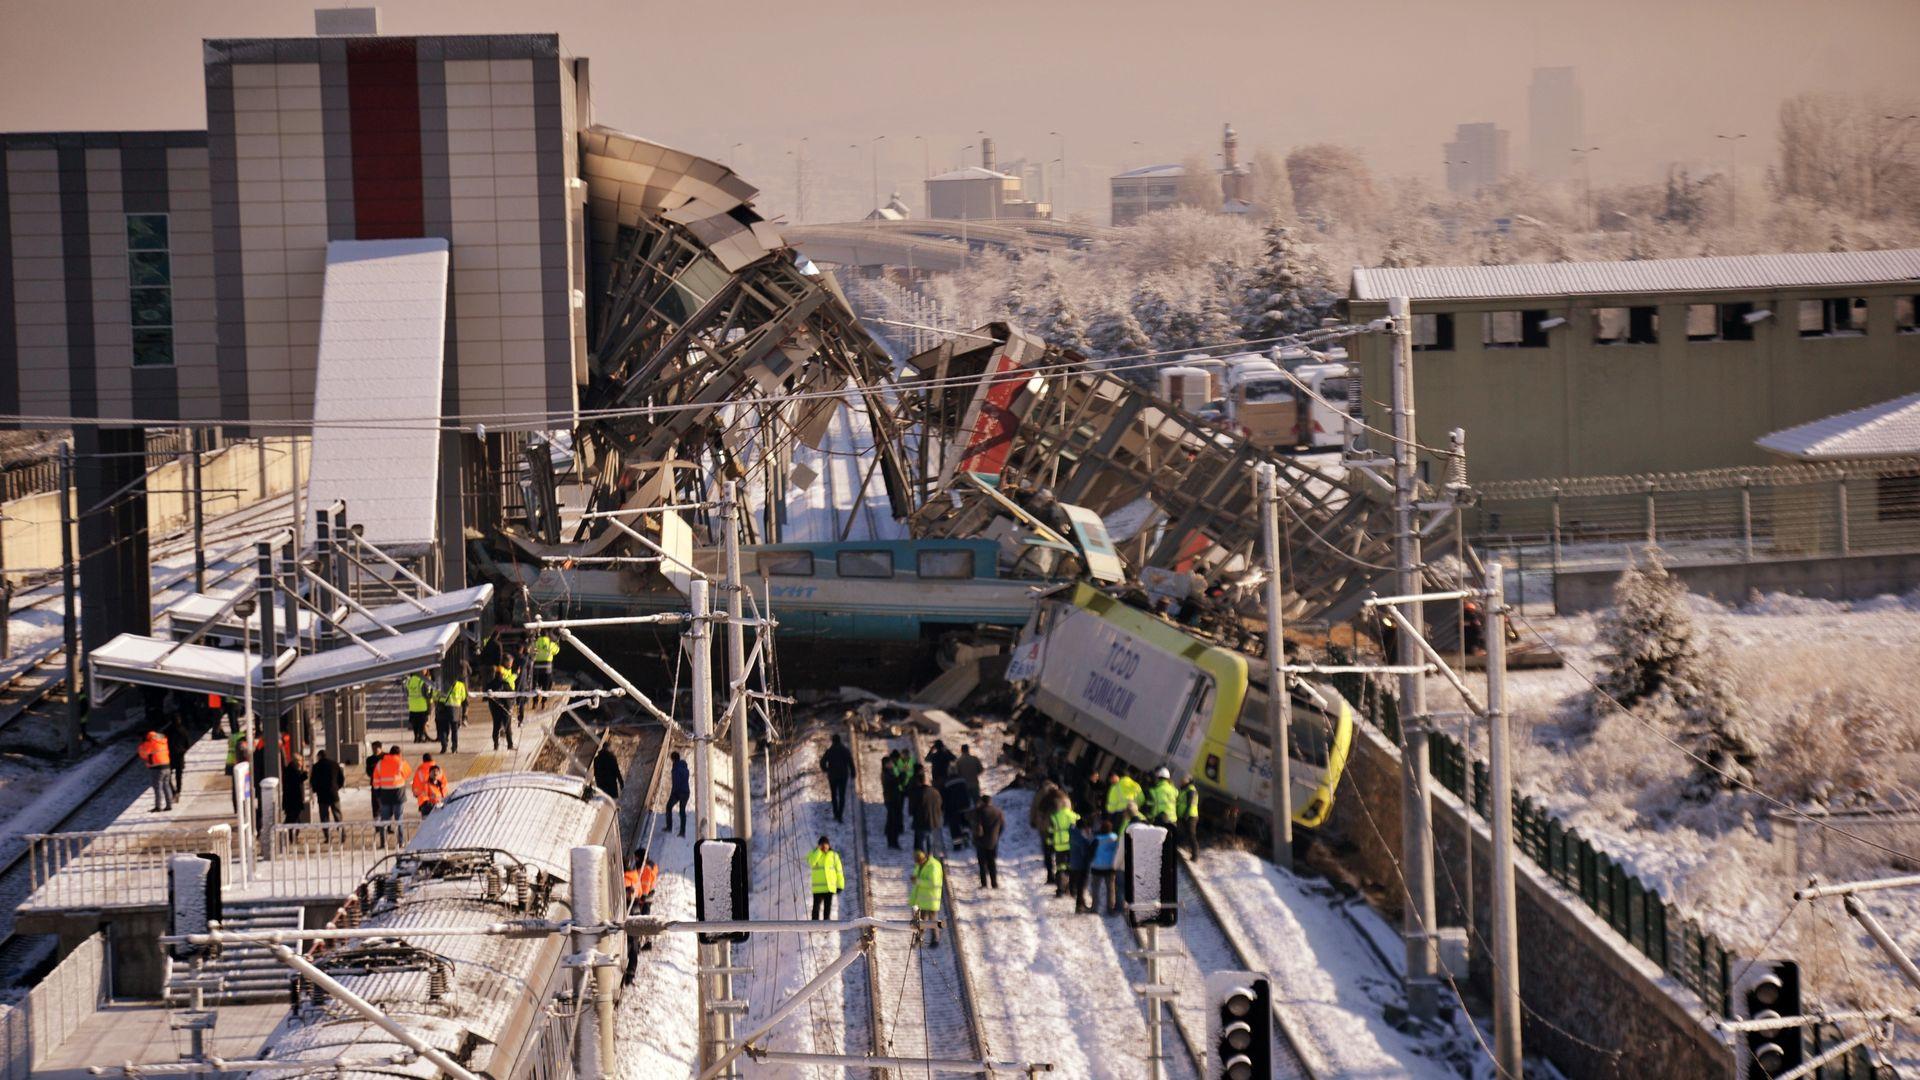 Yüksek Hızlı Tren kazasında şok ifade: ''Unutmuş olabilirim !''